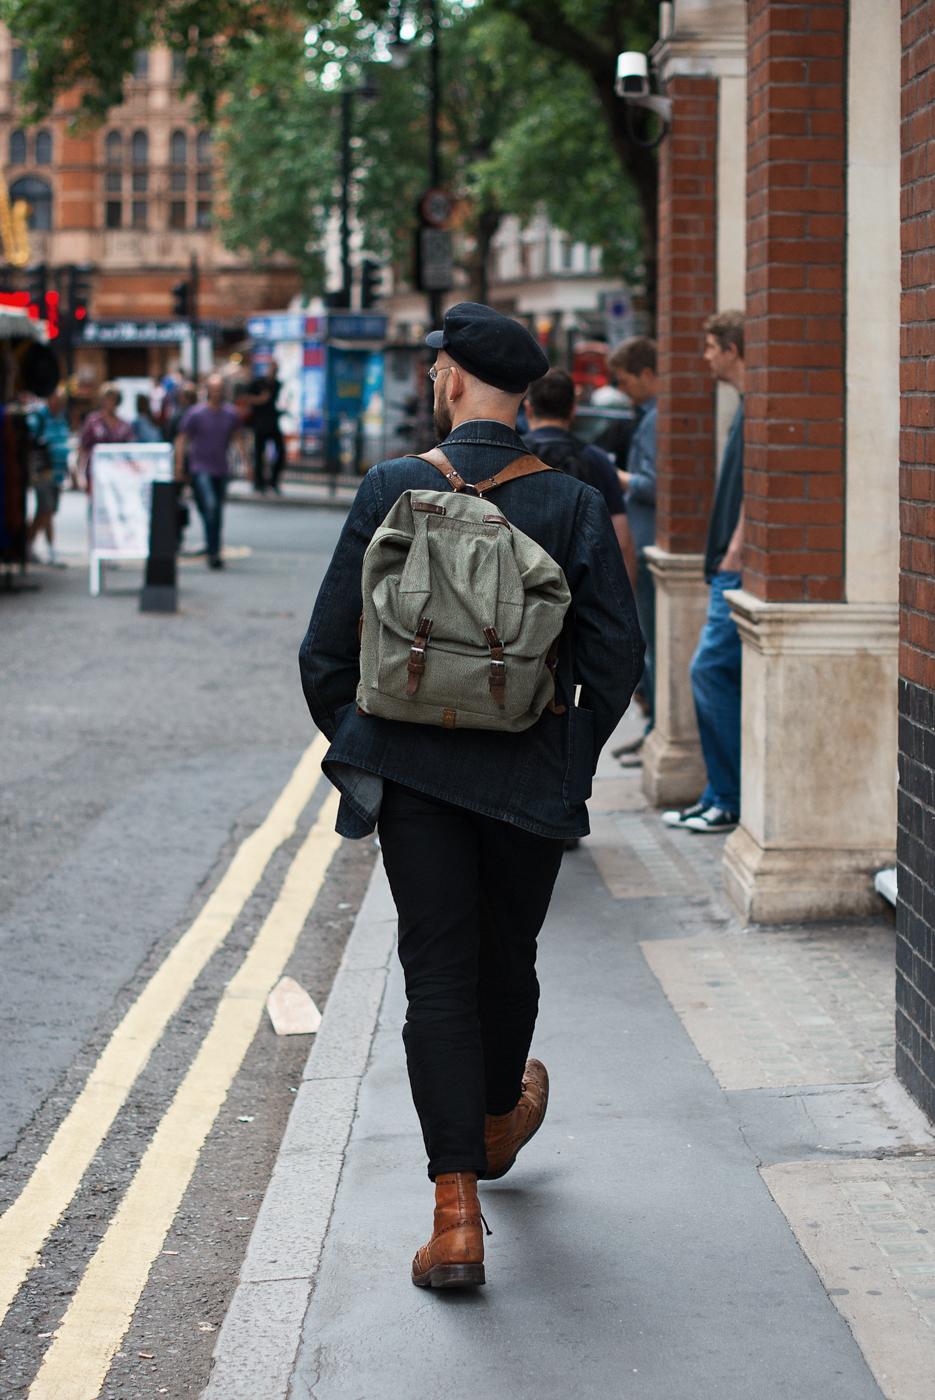 Backpack straps.